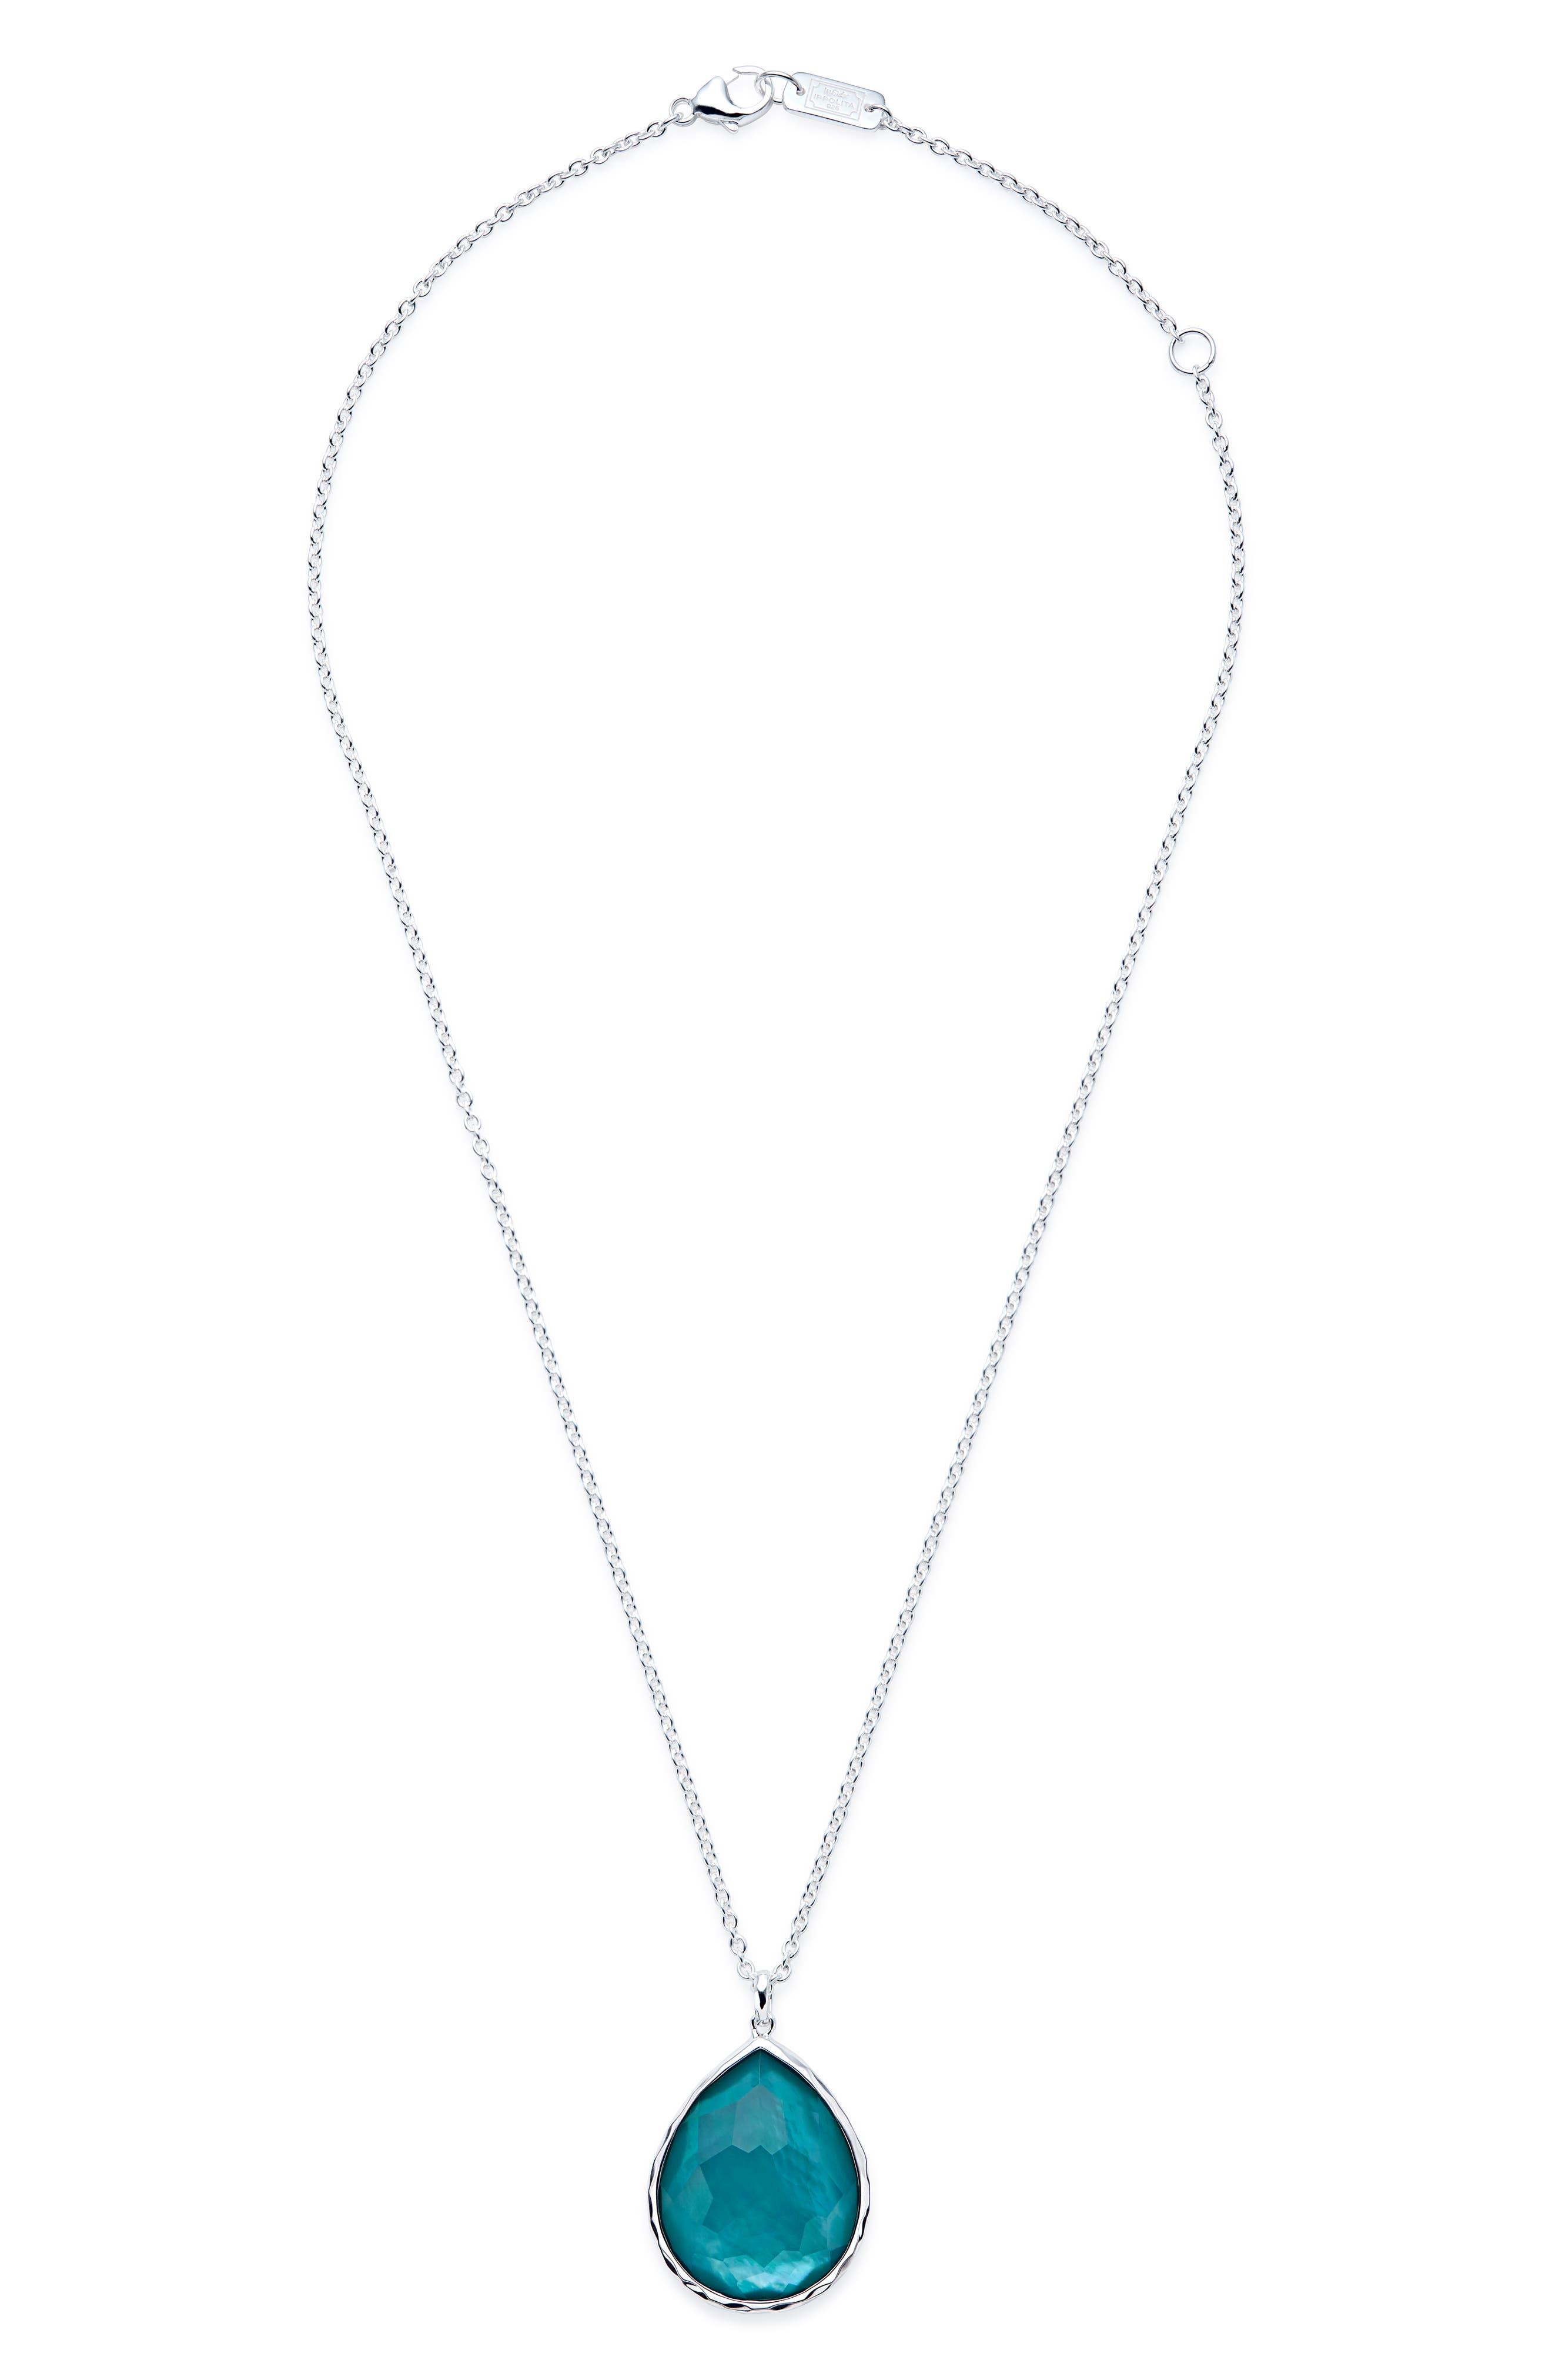 'Wonderland' Large Teardrop Pendant Necklace,                             Main thumbnail 1, color,                             TIDE